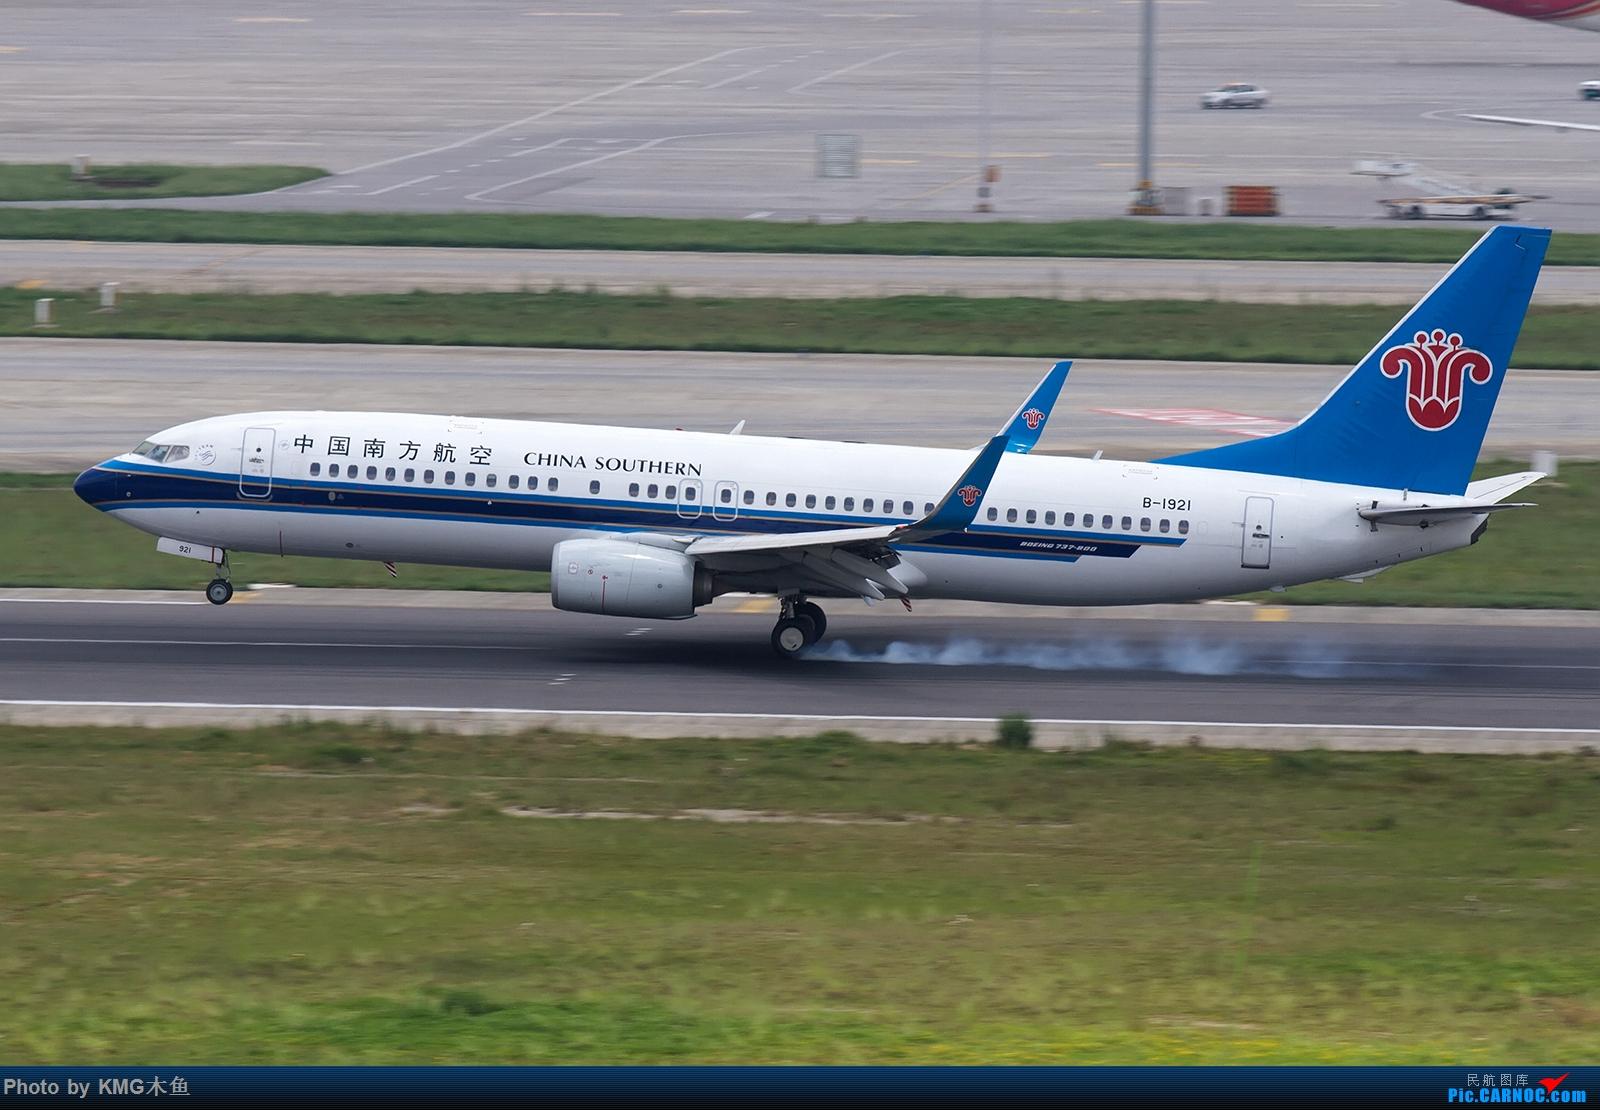 Re:[原创]【昆明长水国际机场——KMG木鱼拍机】第一次大中午的拍飞机,还好宽体比较多,也算是值得了 BOEING 737-800 B-1921 中国昆明长水国际机场